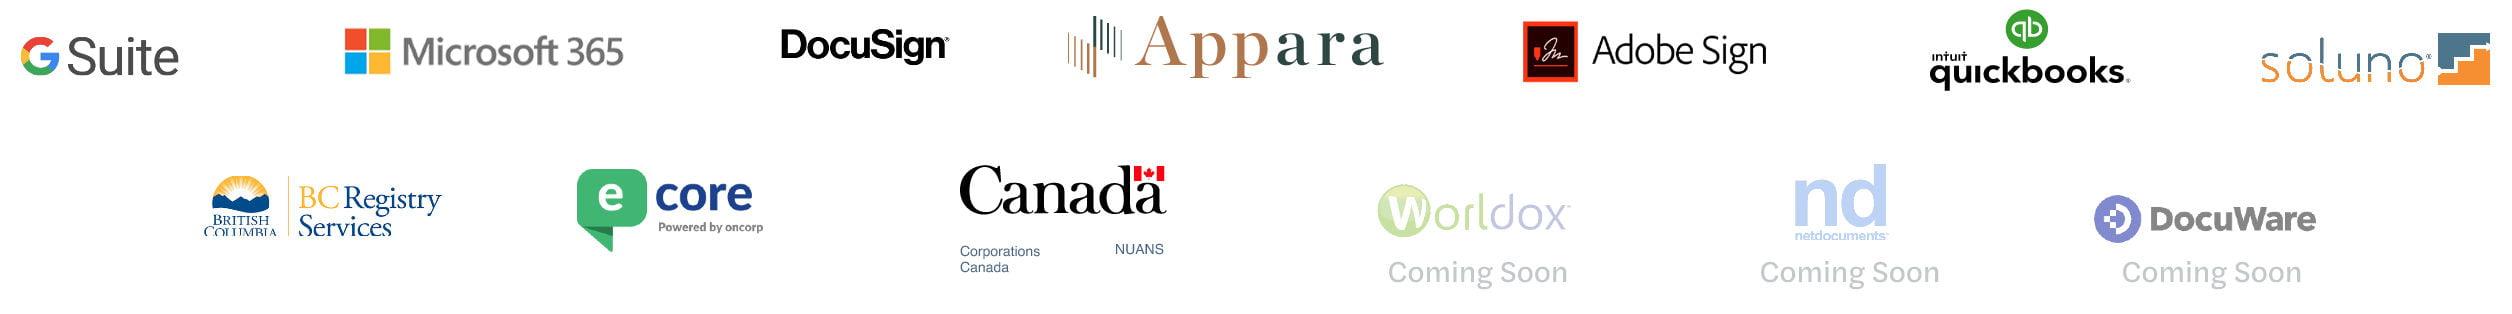 Appara Partner Logos